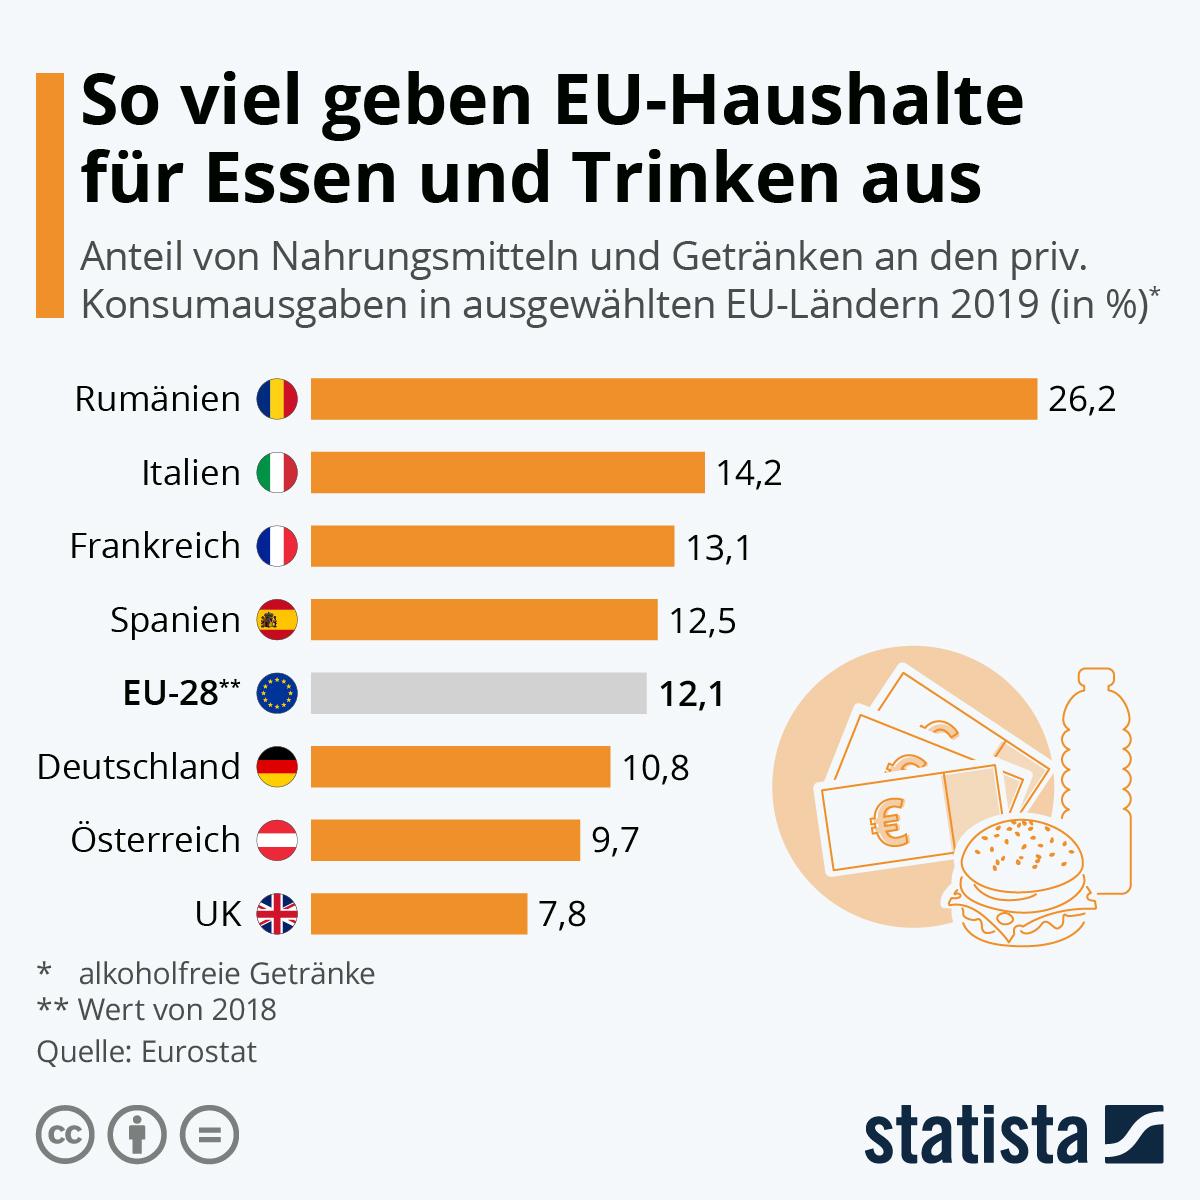 Infografik: So viel geben EU-Haushalte für Essen und Trinken aus | Statista